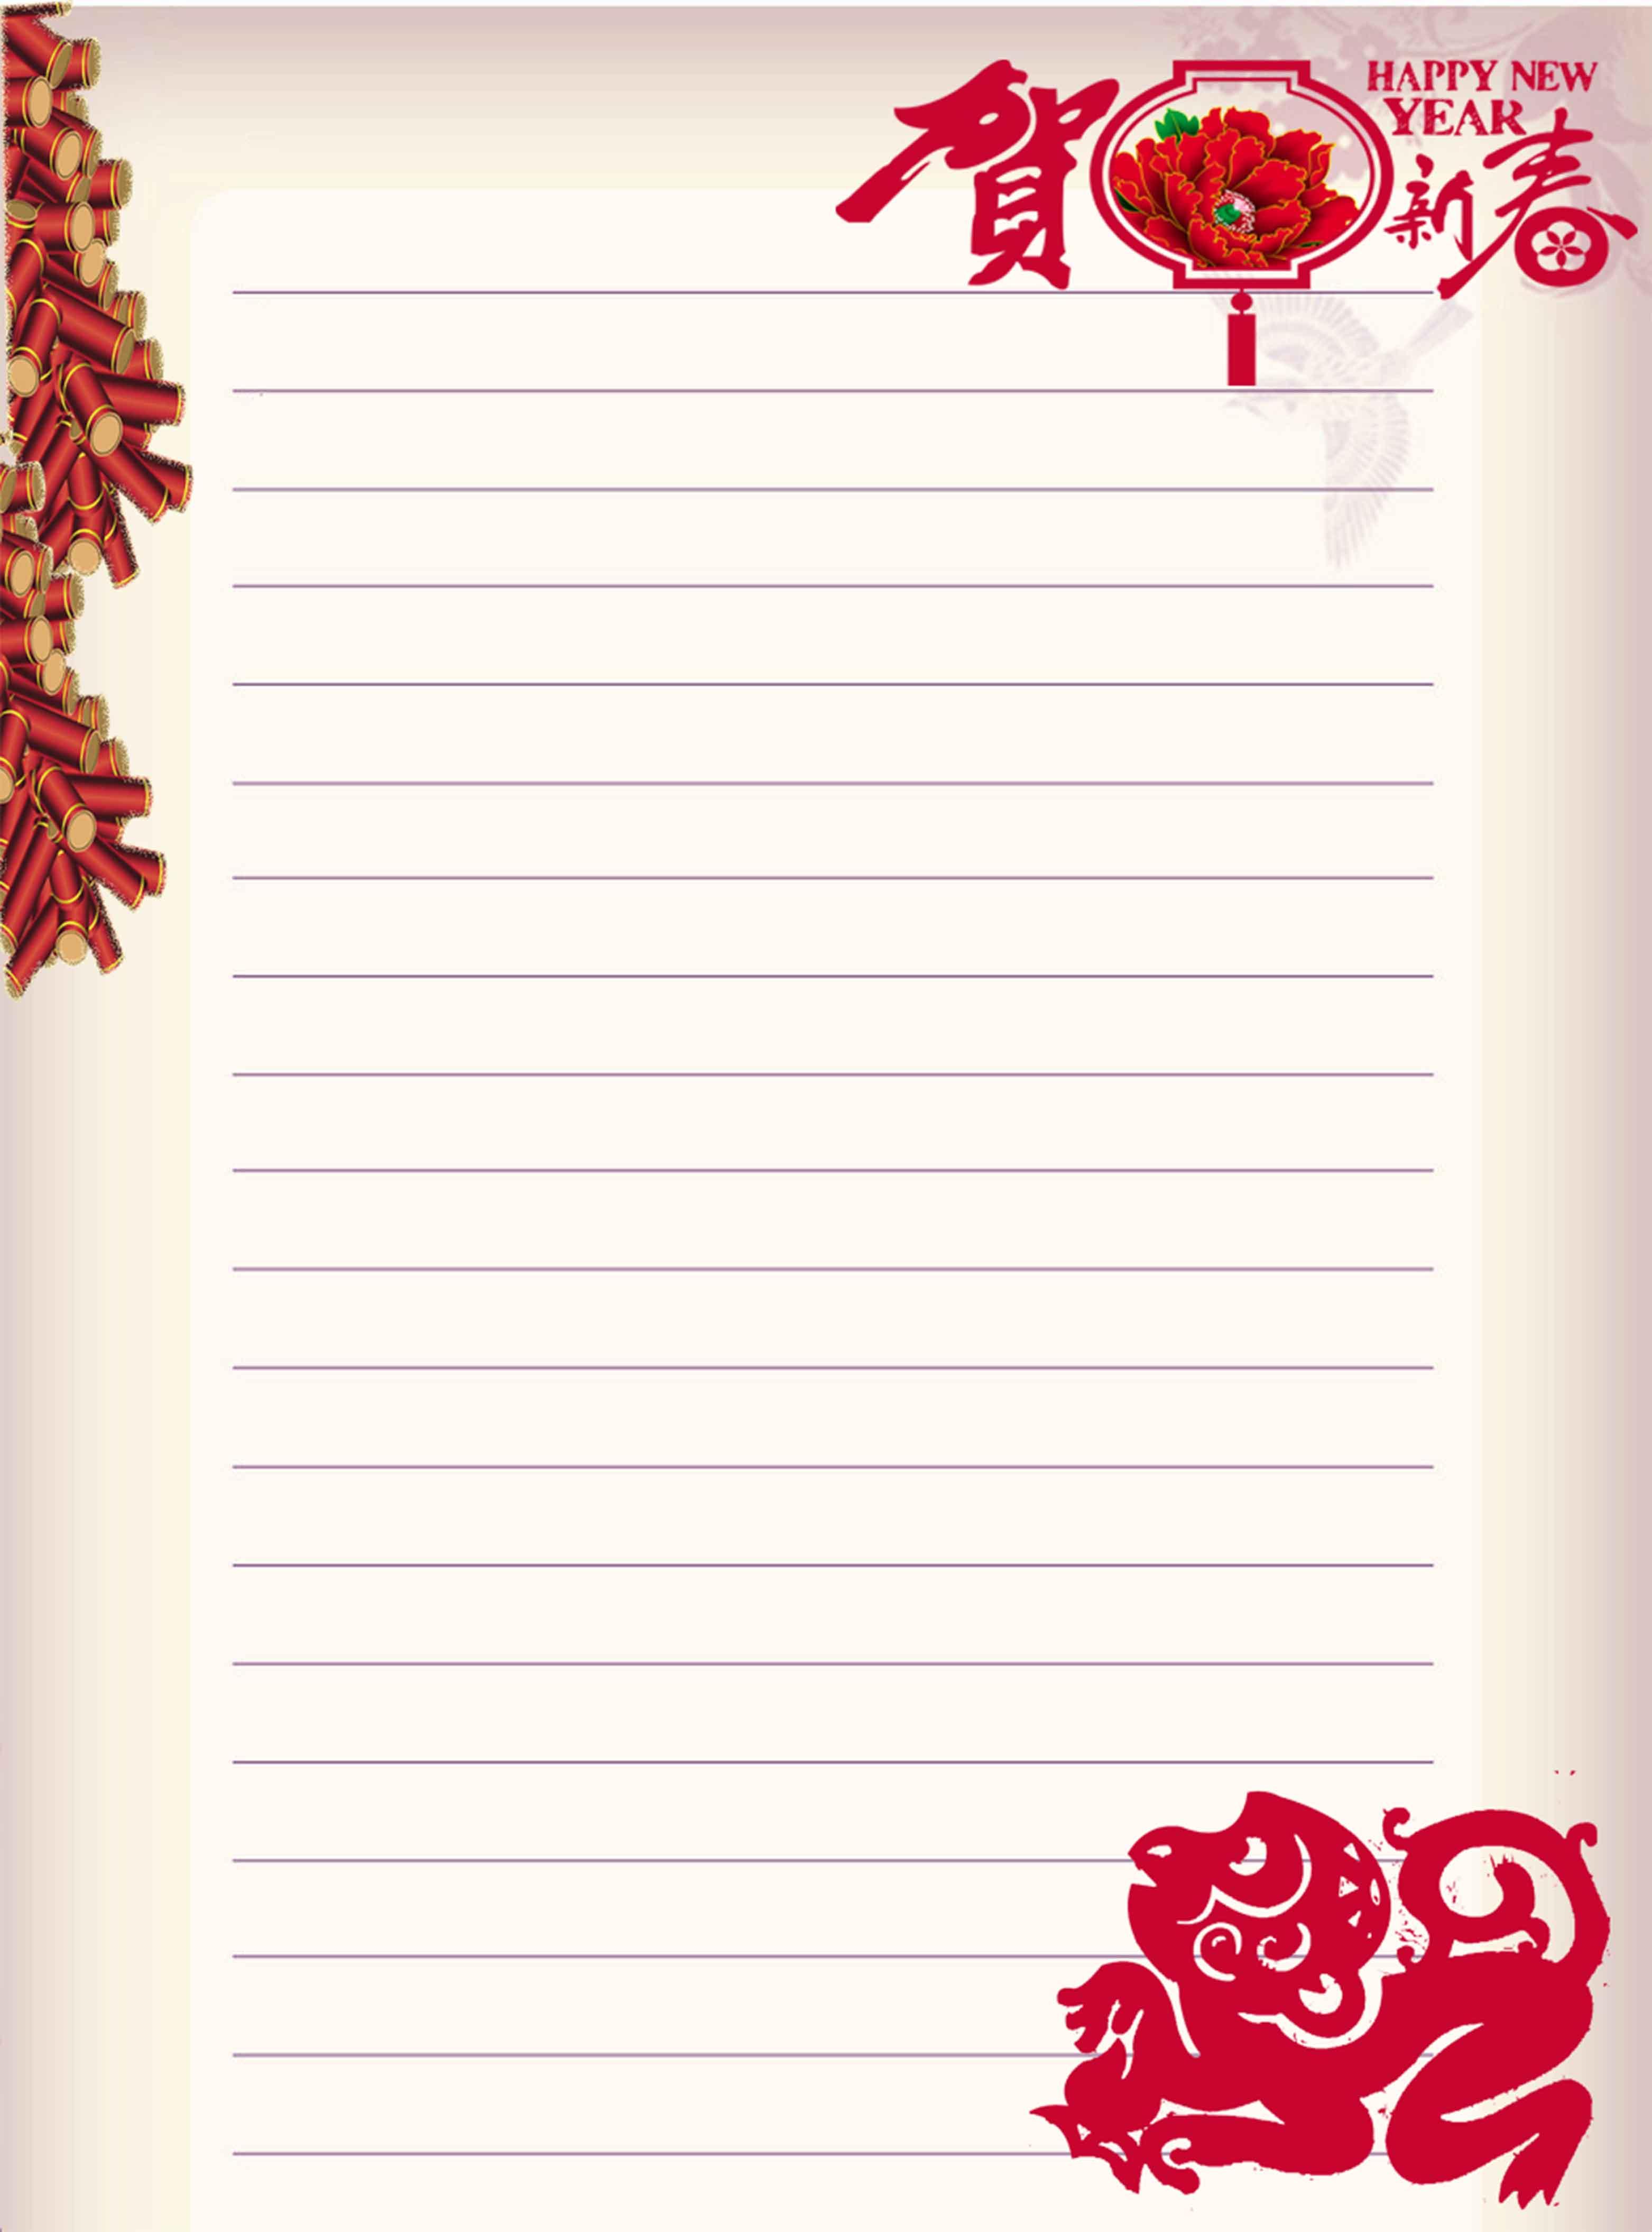 carnet blanc page contexte vide bloc notes feuille image de fond pour le t u00e9l u00e9chargement gratuit